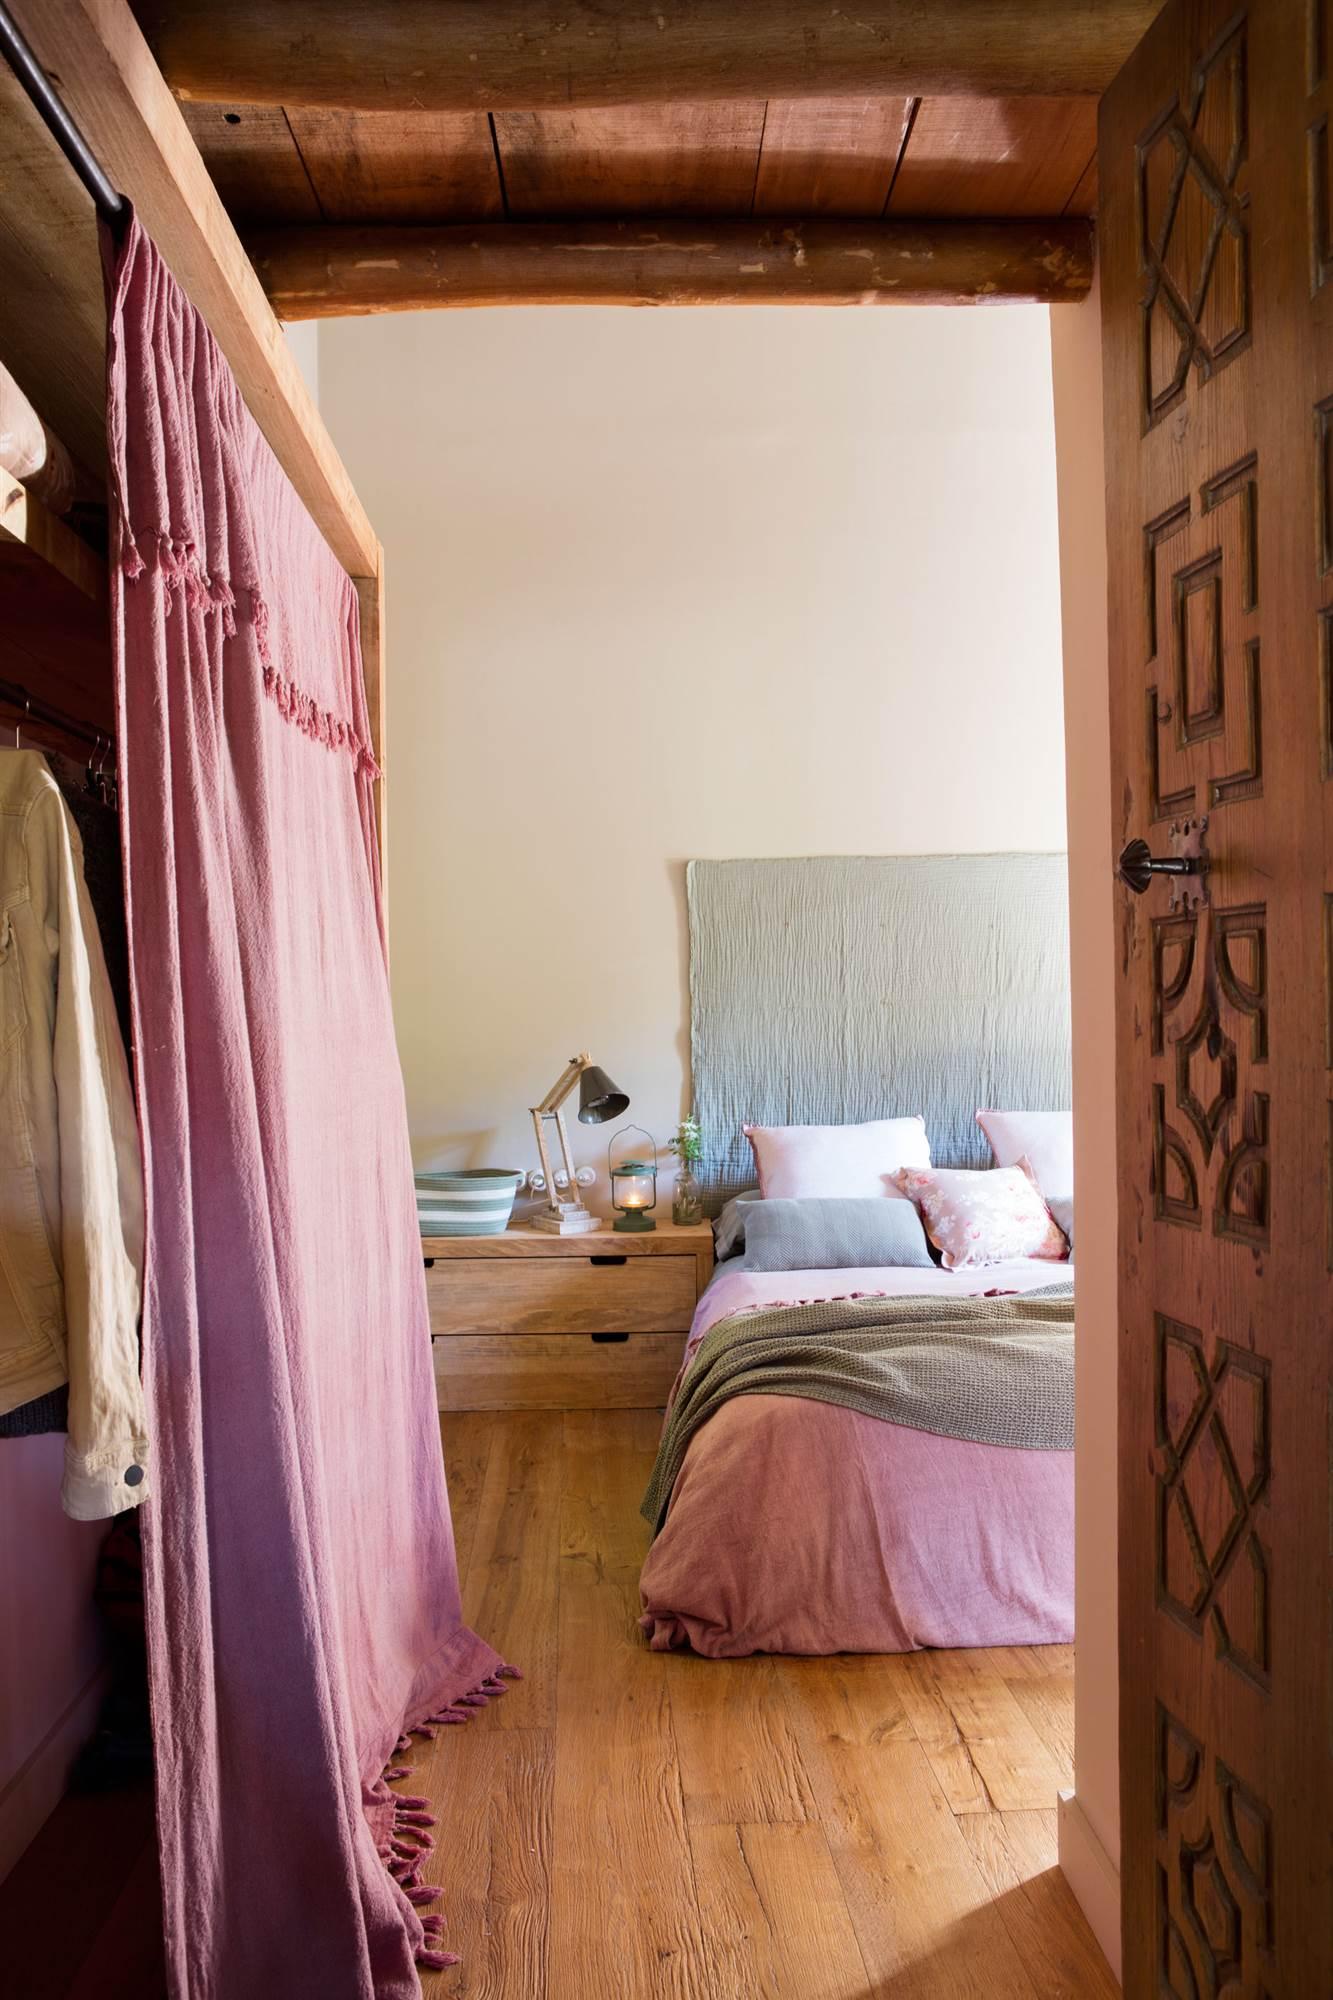 1020 fotos de armarios - Armarios con cortinas ...